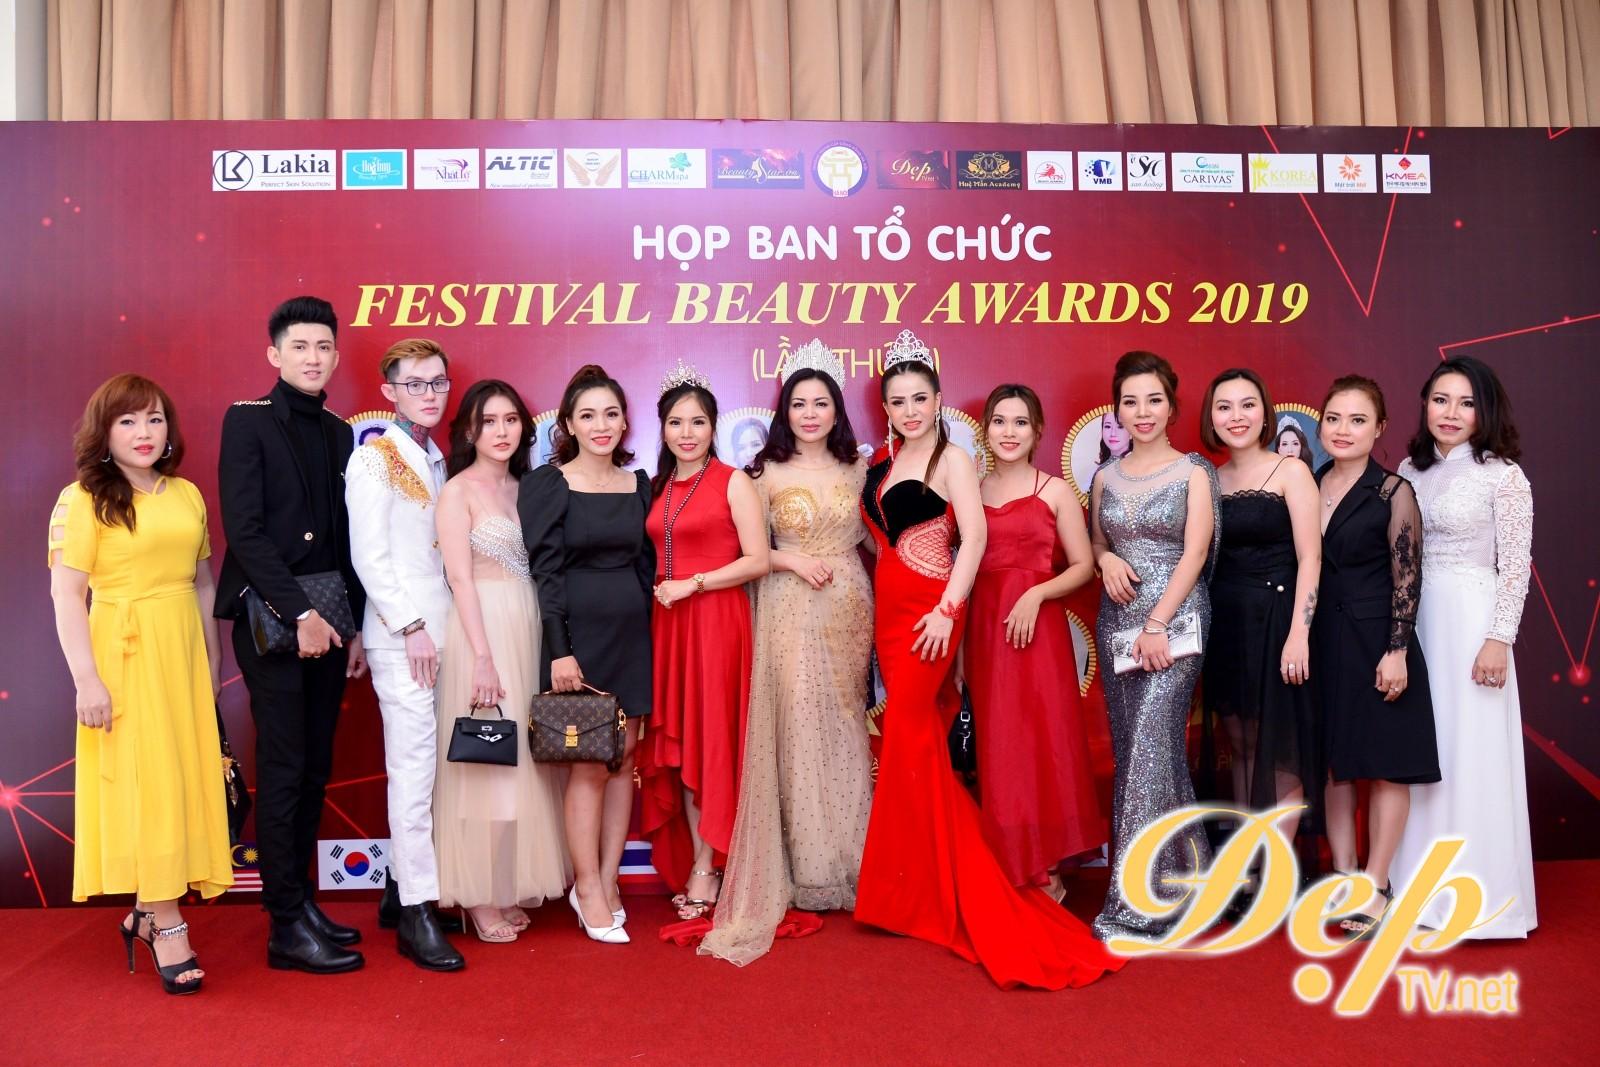 Họp ban tổ chức Festival Beauty Awards 2019 tại thành phố Hồ Chí Minh